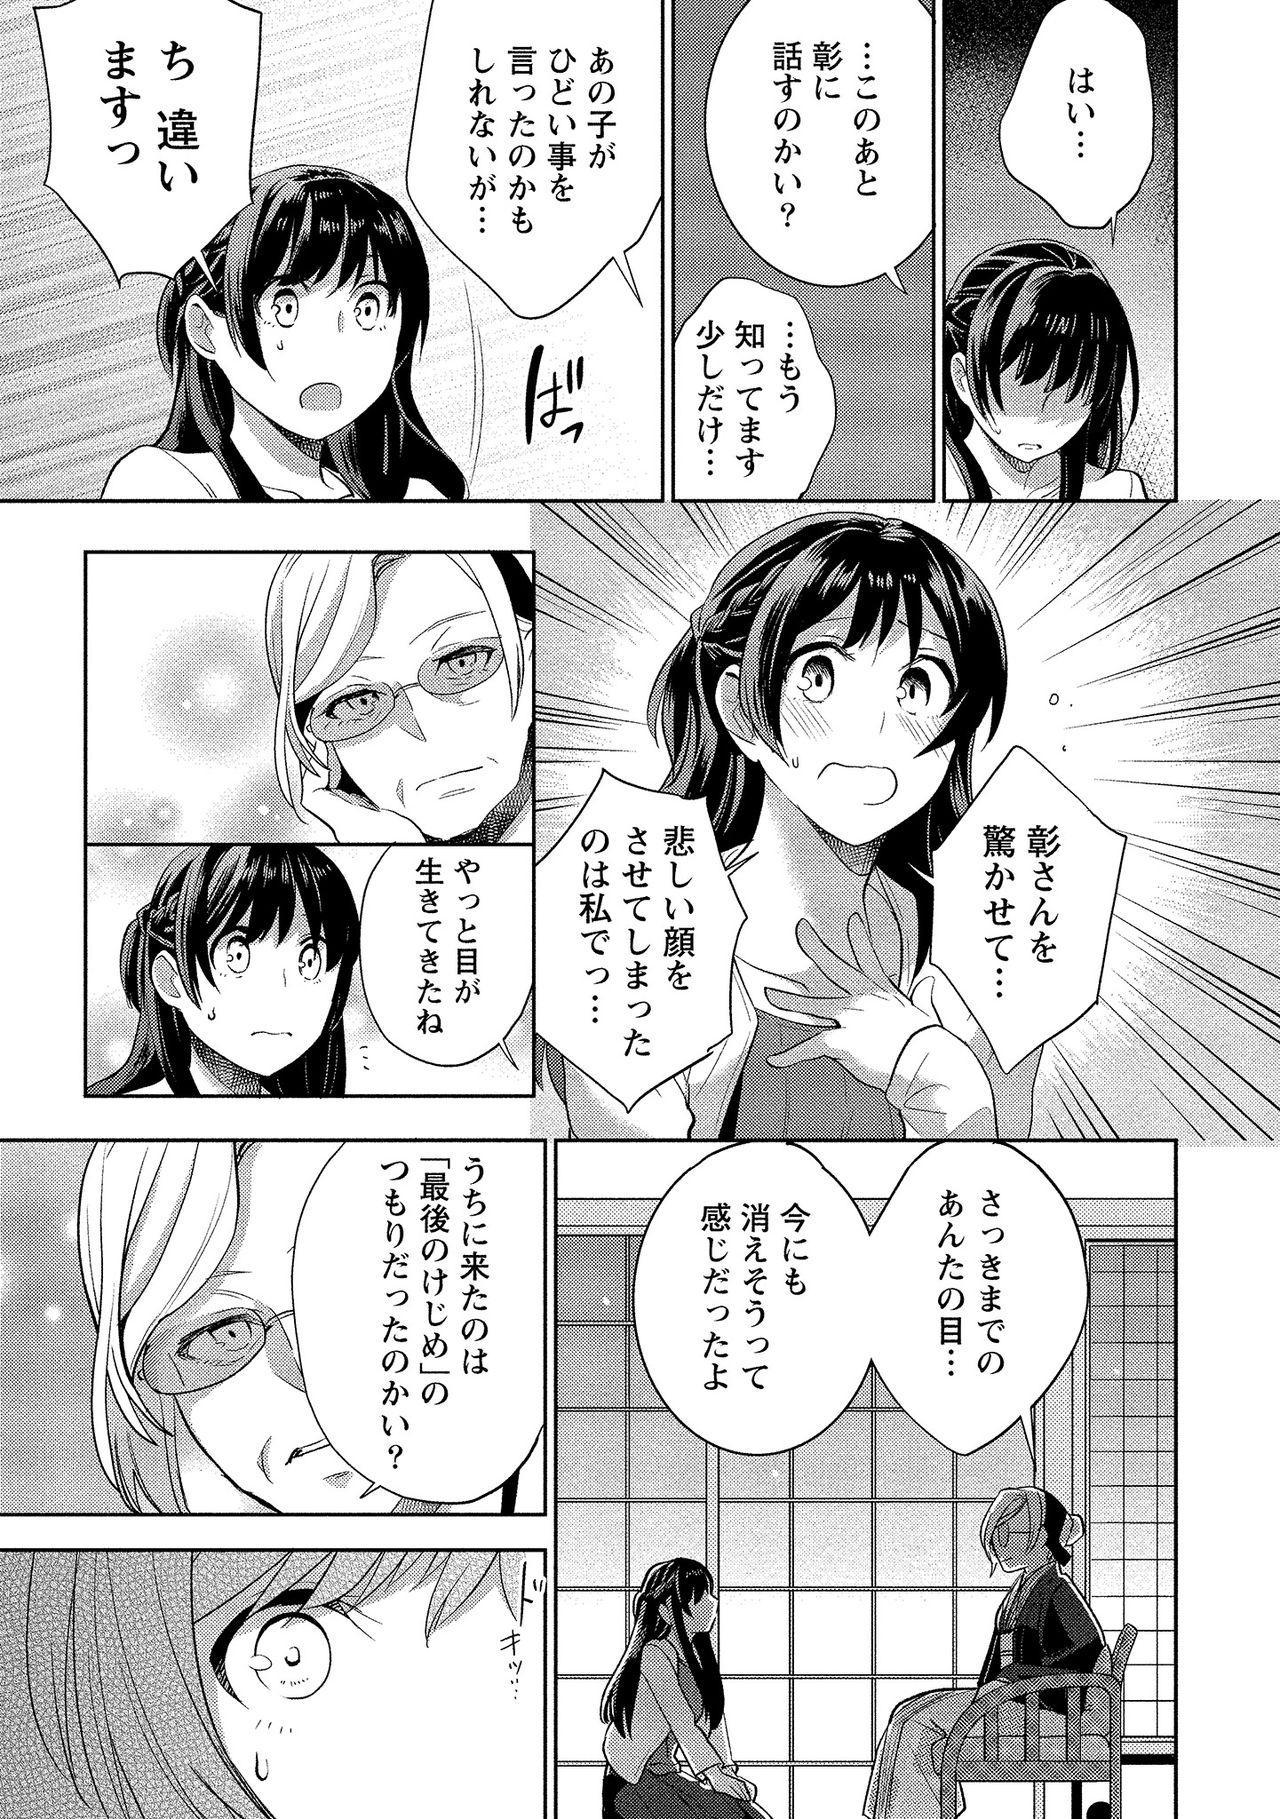 Dorobou Neko wa Kanojo no Hajimari 203